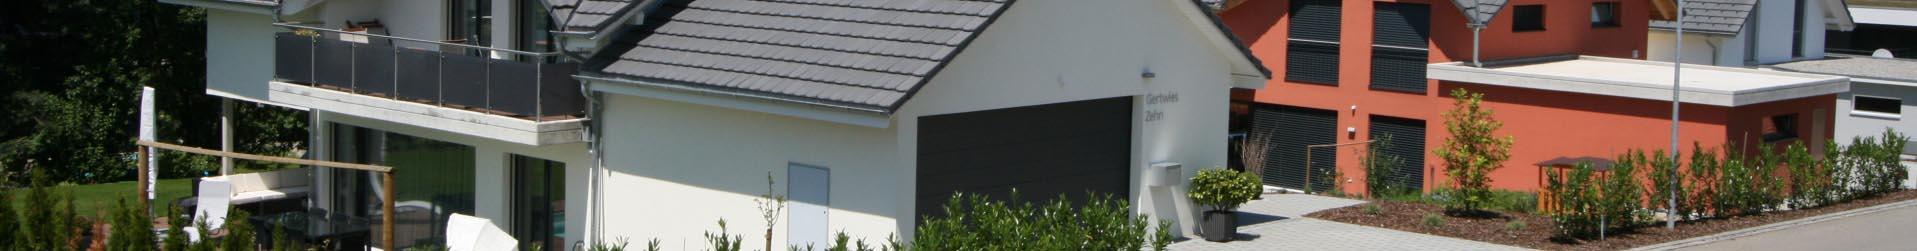 Canosa Immobilien Gesamtleistung